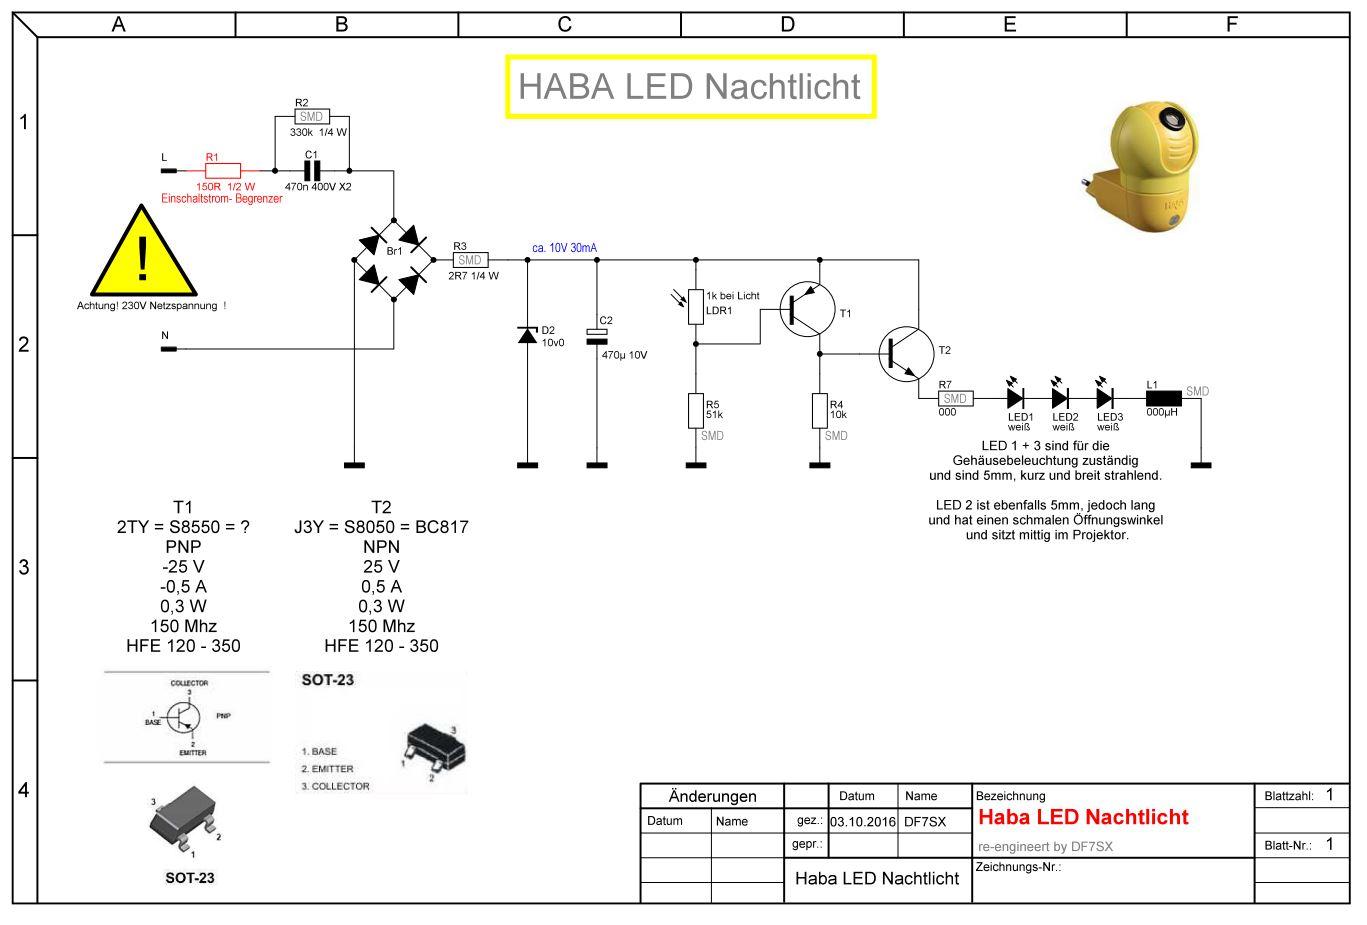 Haba LED Nachtlicht reparieren | DF7SX.de